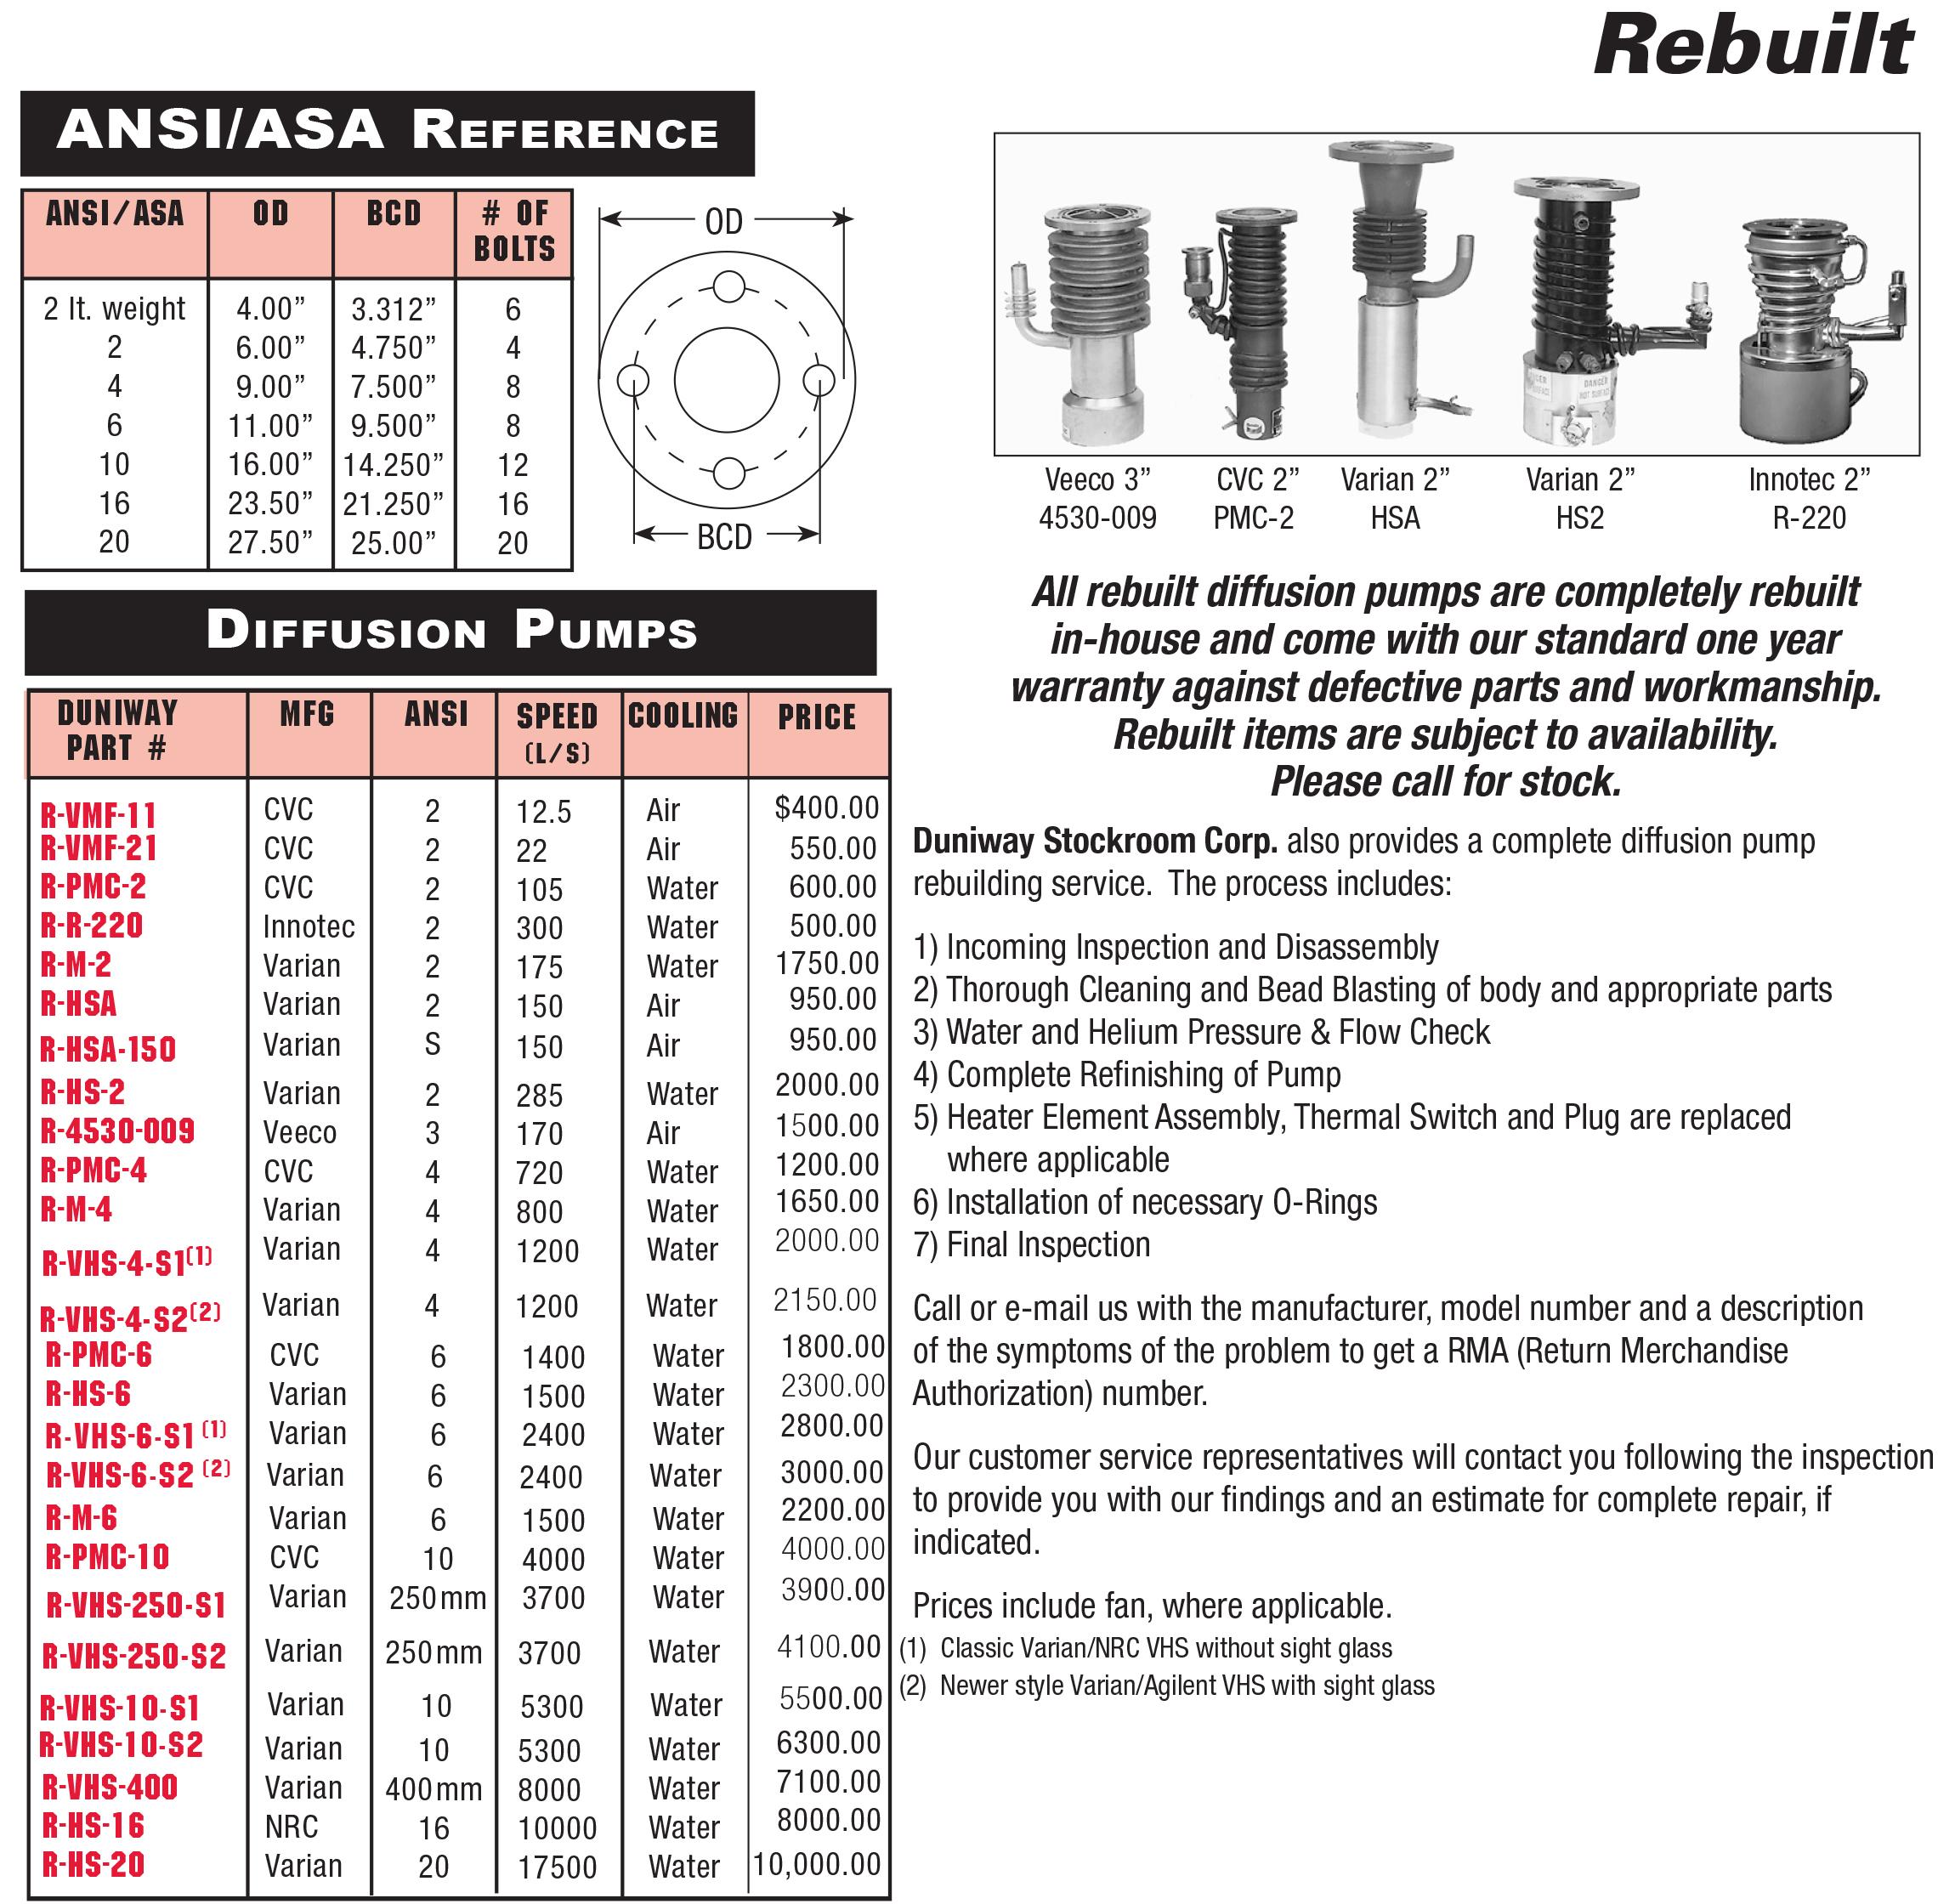 Rebuilt Diffusion Pumps